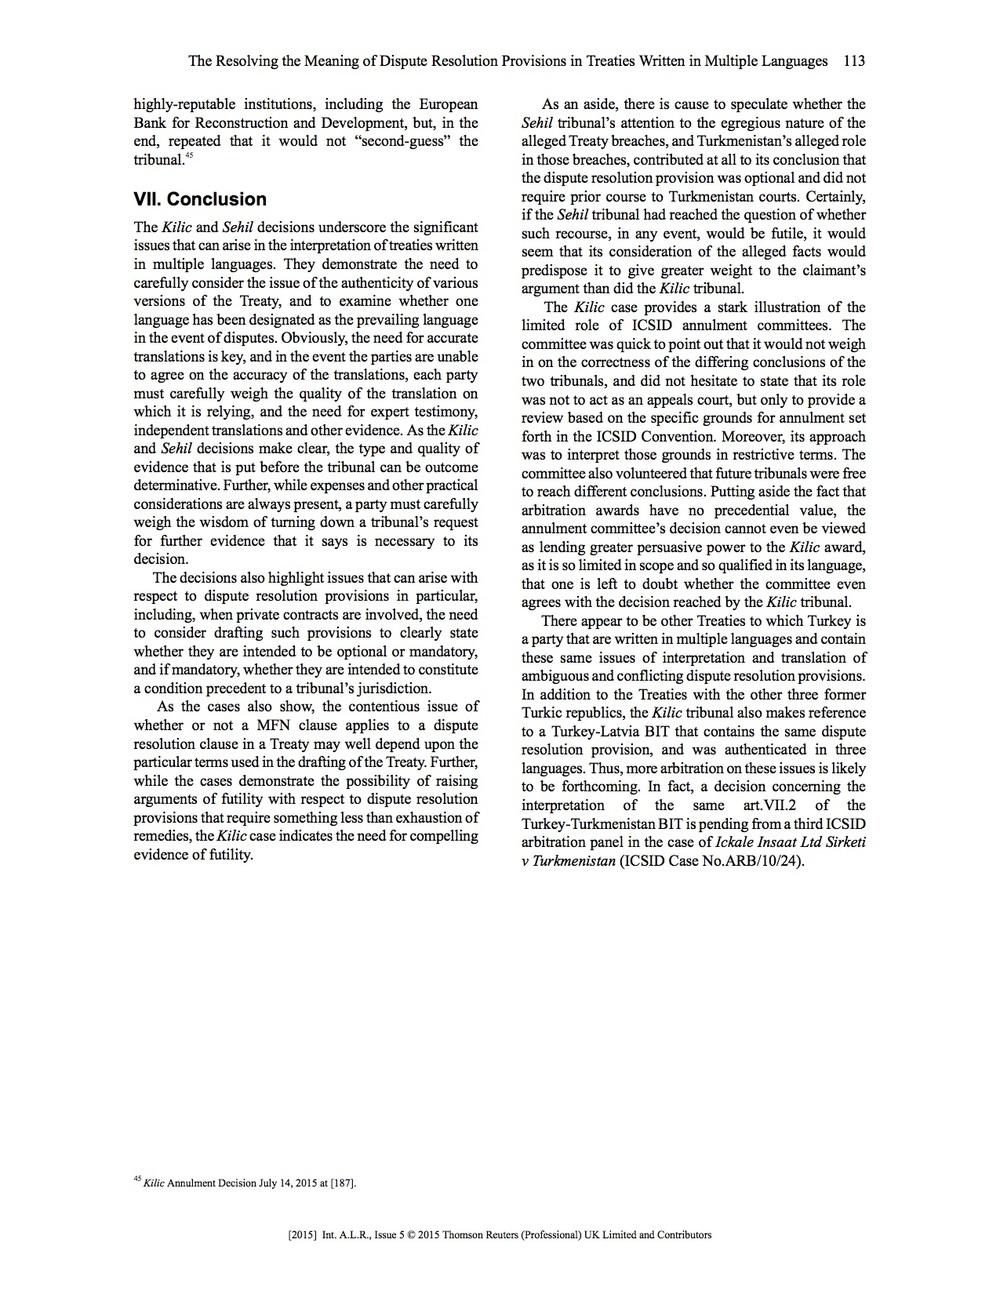 Intl Law Rev p9.jpg